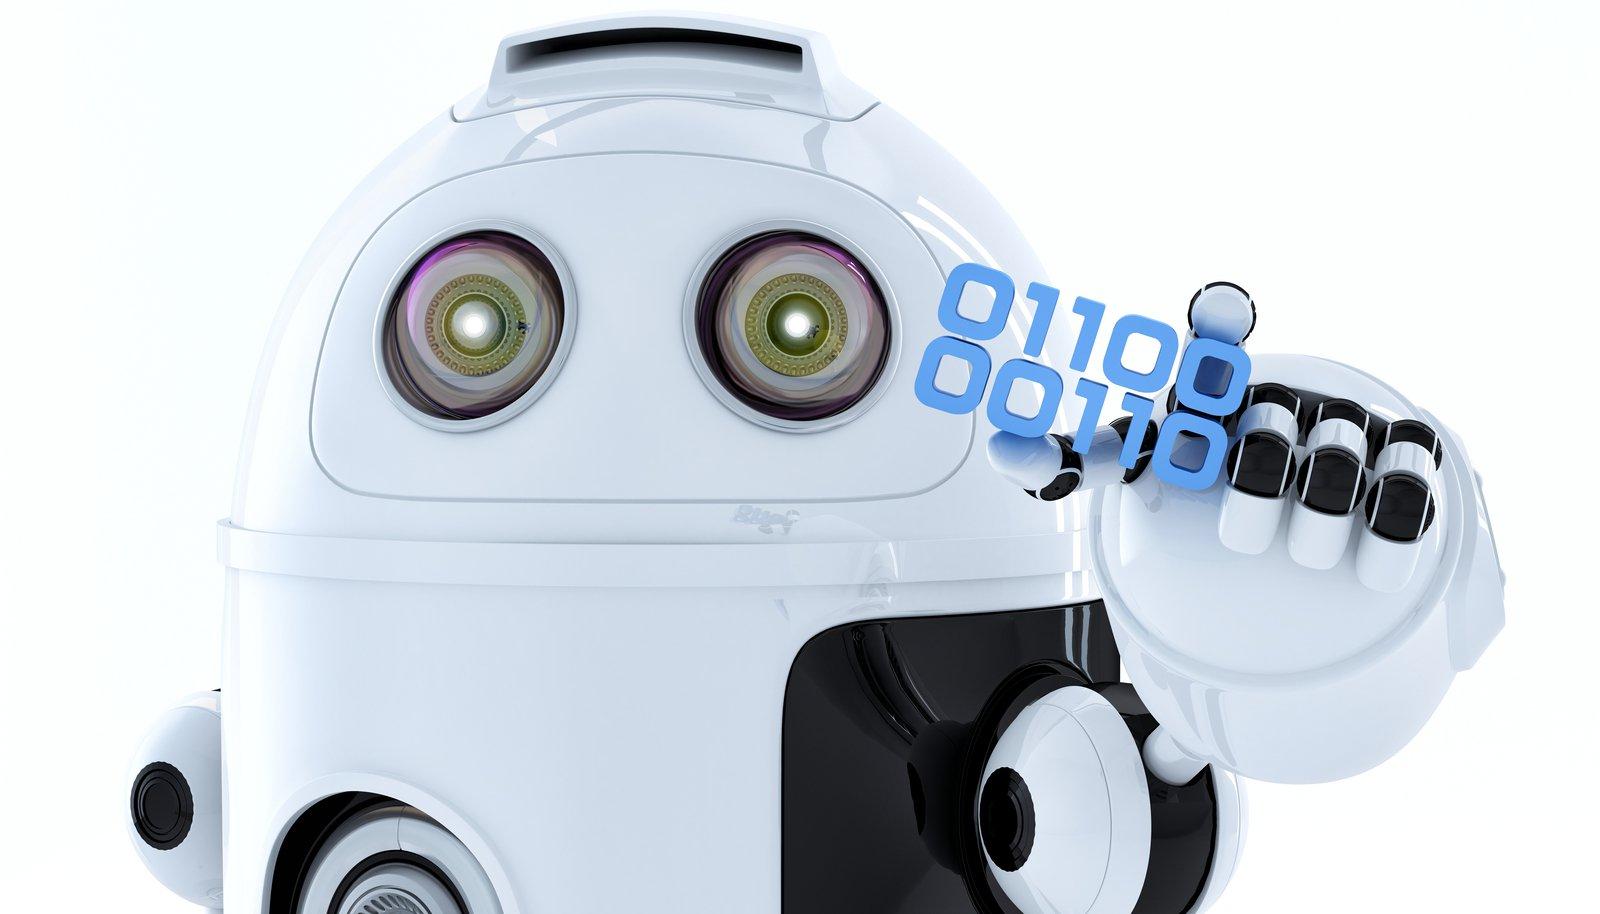 Robô Android segurando um pedaço de código binário